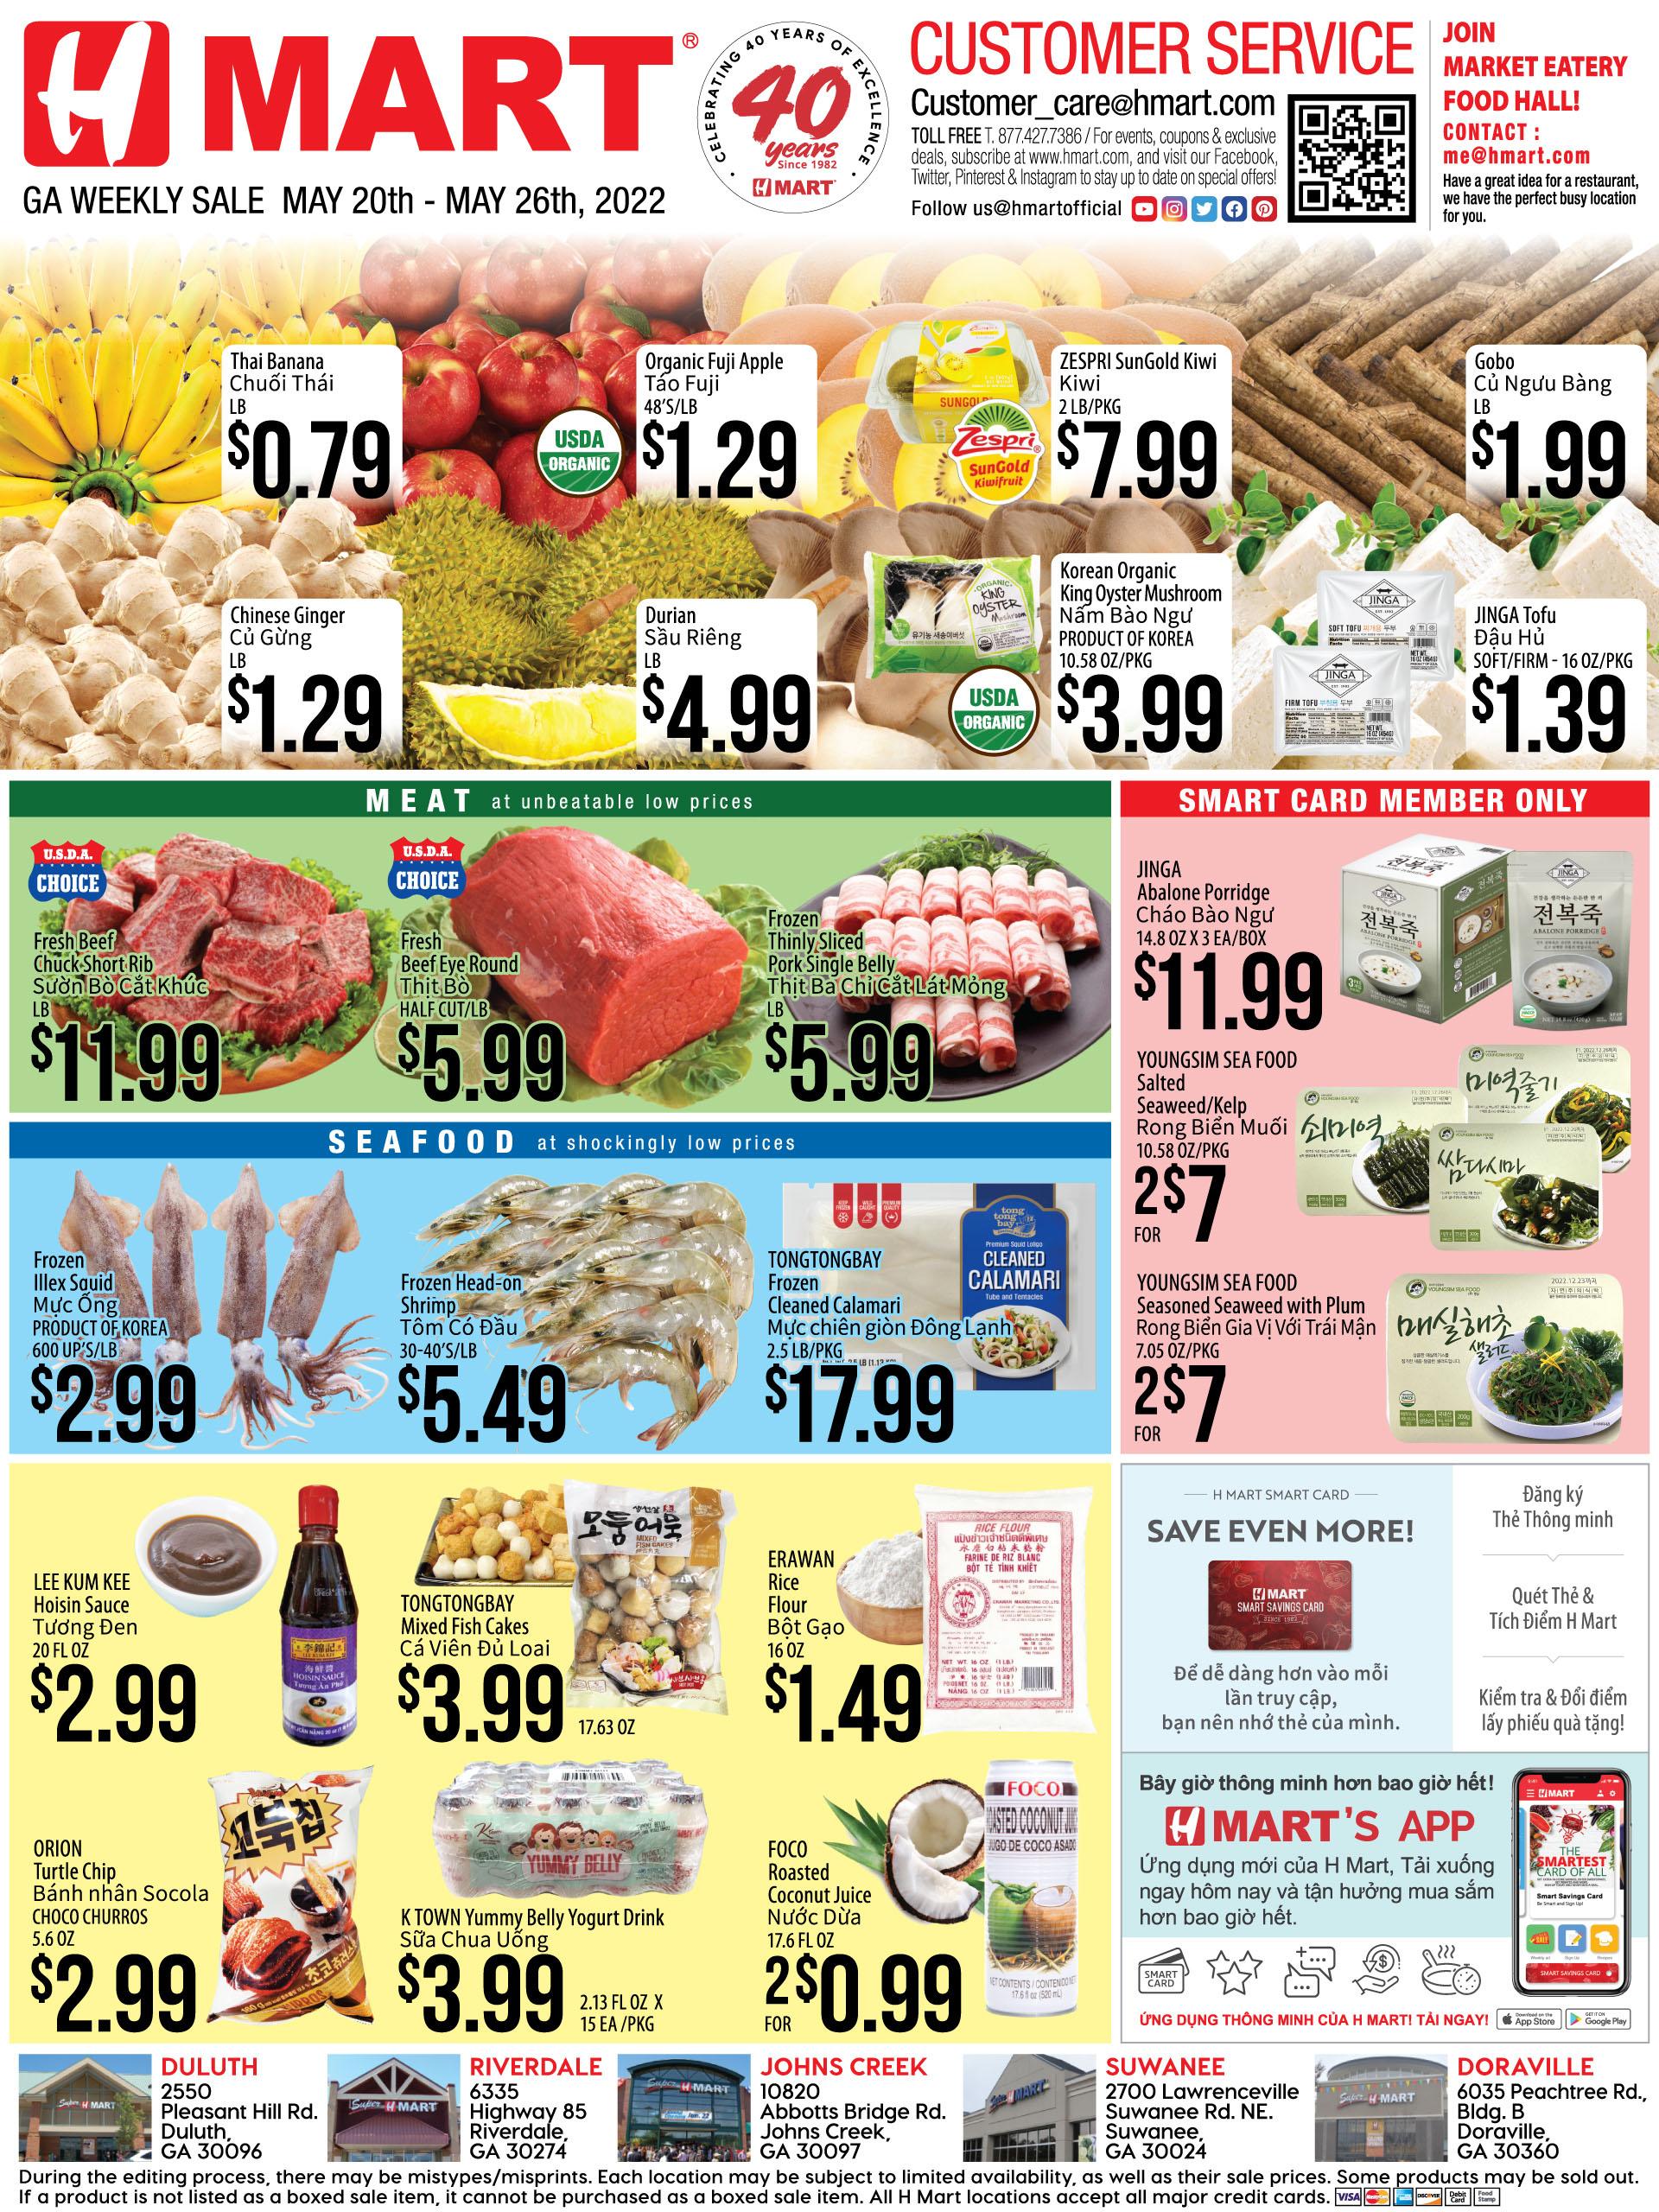 Weekly sales on Georgia